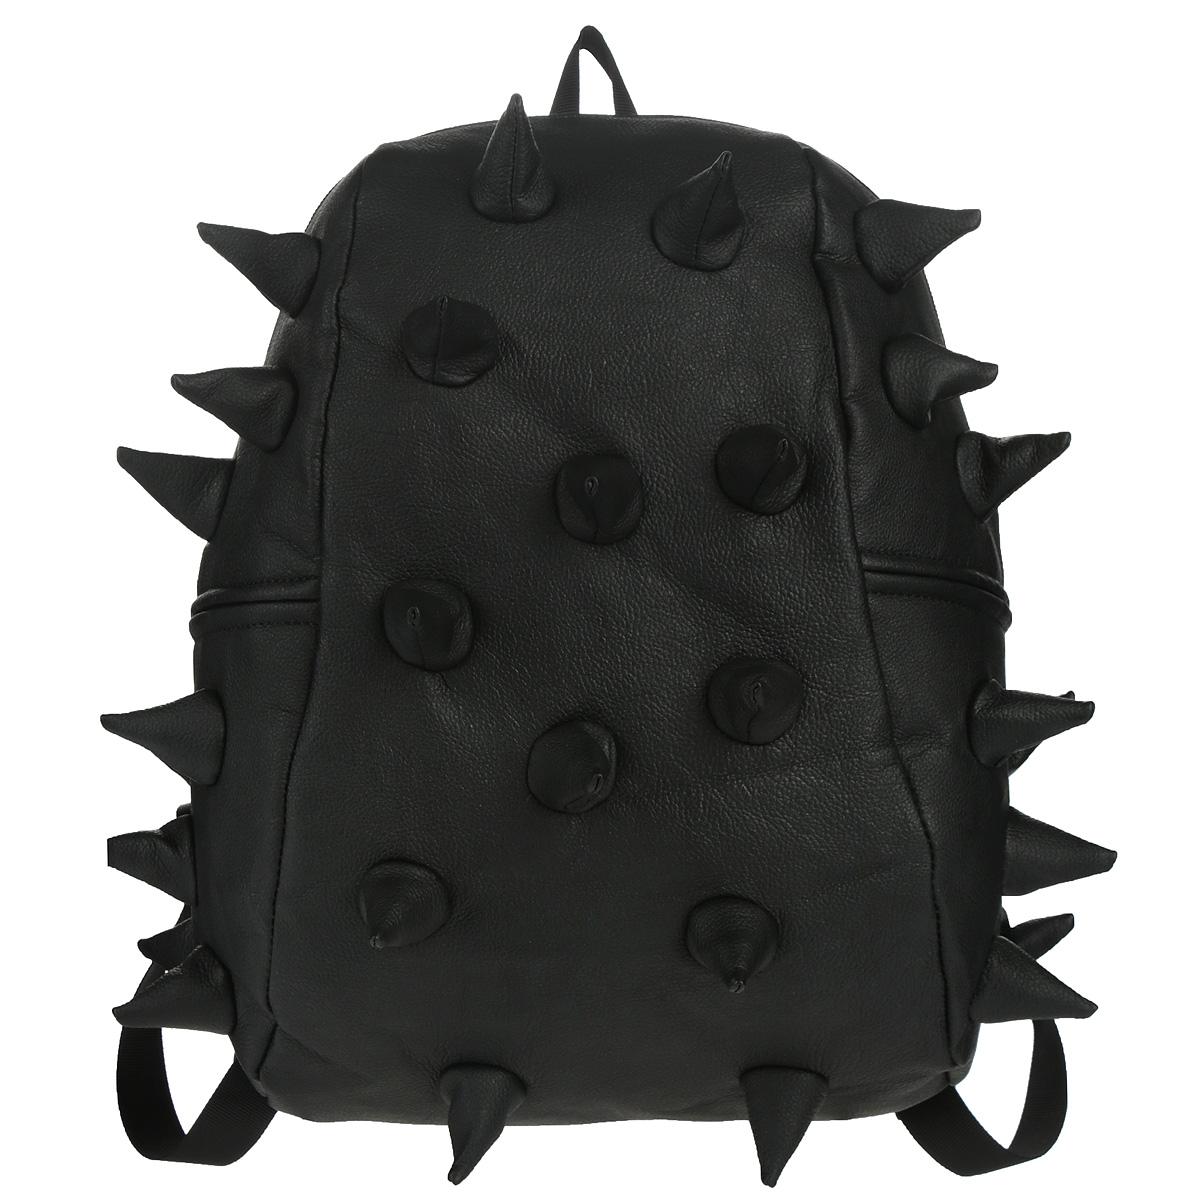 """Рюкзак городской MadPax Rex Half, цвет: черный, 16 лBP-303 BKГородской рюкзак MadPax Rex Half - это стильный и практичный аксессуар, который станет незаменимым в ритме большого города. Верх рюкзака выполнен из 100% полиуретана, шипы придают изделию неповторимый дизайн. Подкладка изготовлена из нейлона. Рюкзак имеет одно основное отделение на застежке-молнии. Внутрь поместится ноутбук с диагональю экрана 13"""", iPad или бумаги формата А4. Также внутри содержится небольшой карман на молнии для мелких вещей. Модель оснащена ручкой для переноски в руке, а также широкими плечевыми лямками, которые можно регулировать по длине. Мягкая ортопедическая спинка создает дополнительный комфорт вашей спине и делает ношение рюкзака более удобным. Сзади расположен кармашек из прозрачного ПВХ для визитки. MadPax - это крутые рюкзаки в стиле фанк, которые своим неповторимым дизайном бросают вызов монотонности и скуке. Эти уникальные рюкзаки помогают детям всех возрастов самовыражаться, а их внутренняя структура с отделениями, карманами и застежками-молниями делает их невероятно практичными."""